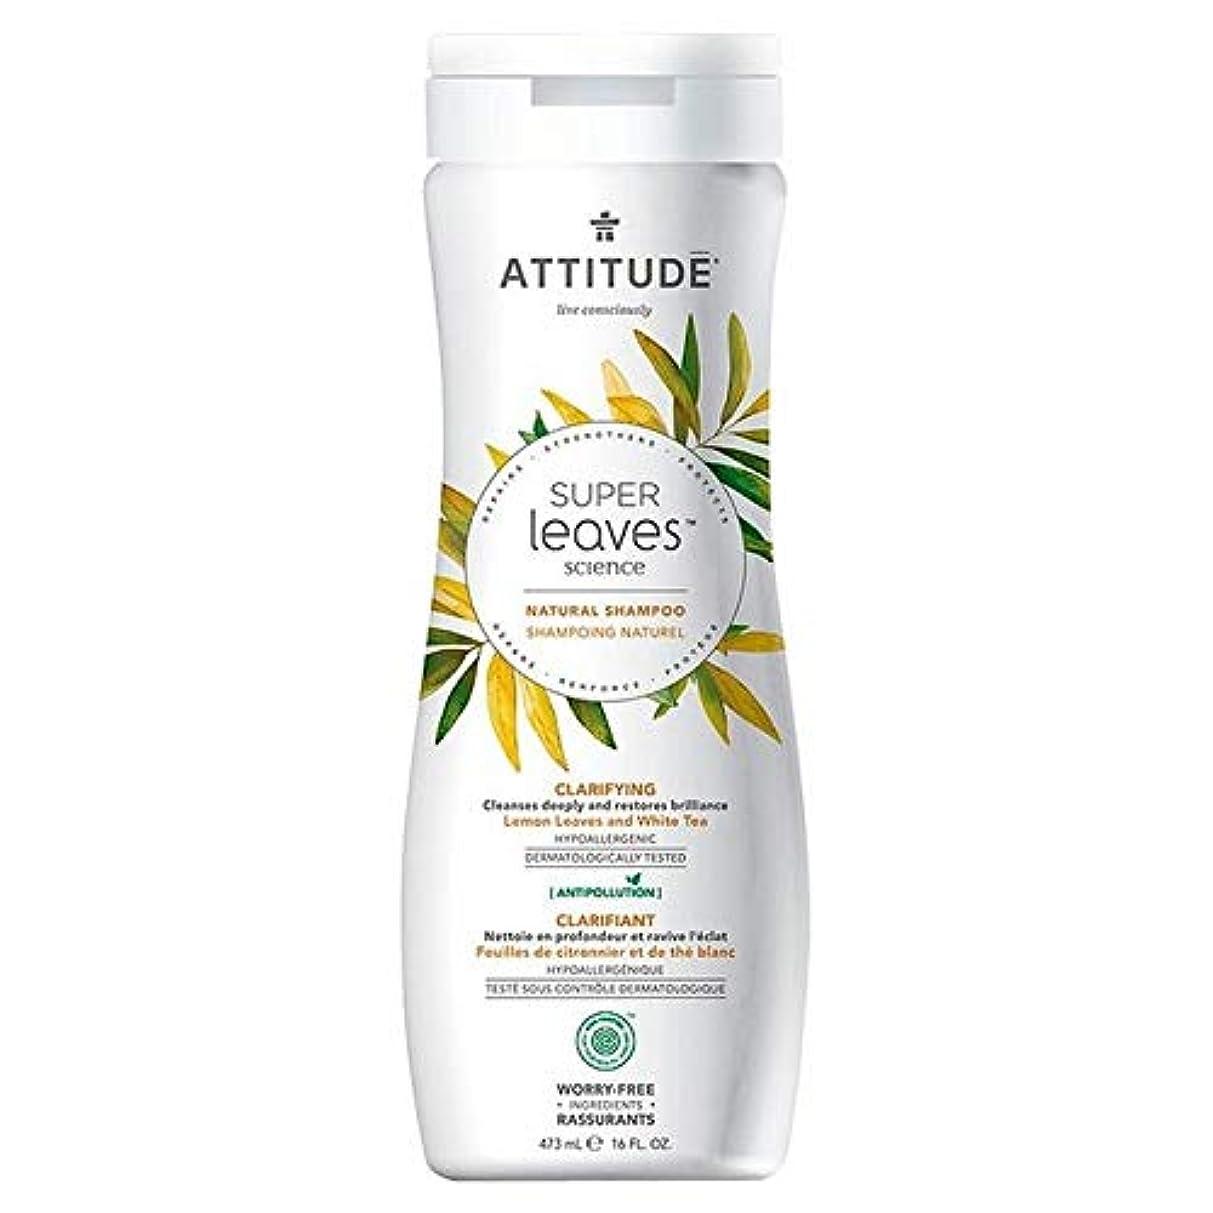 無し理論交流する[Attitude ] 姿勢スーパーは473ミリリットルを明確にシャンプーを残し - Attitude Super Leaves Shampoo Clarifying 473ml [並行輸入品]